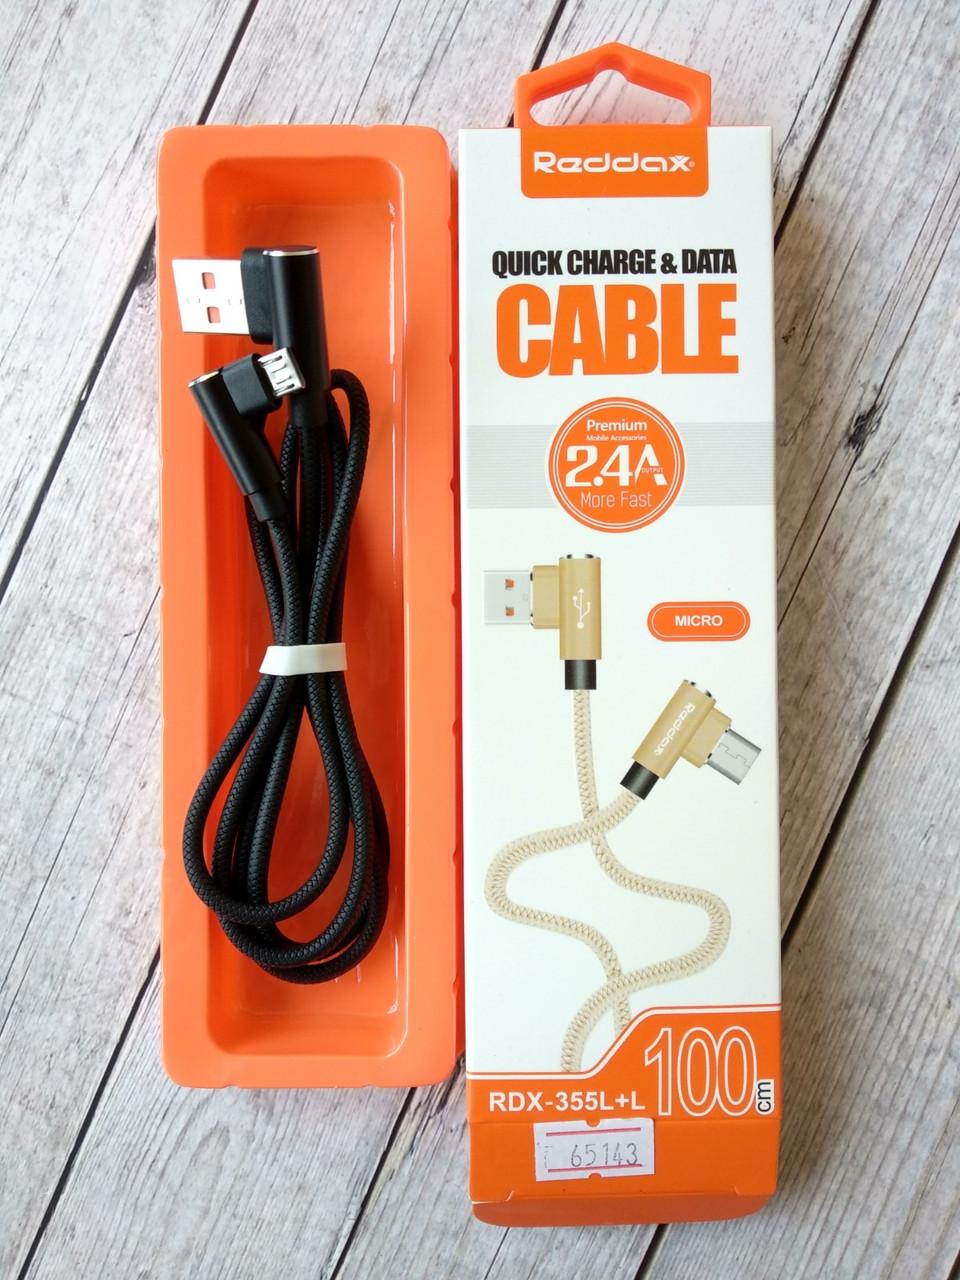 Купить Кабели для электроники, Кабель Usb-cable Micro USB RedDax RDX-355 L+L 2.4A 1m (круглый, метал. коннектор, Г-образный) Black